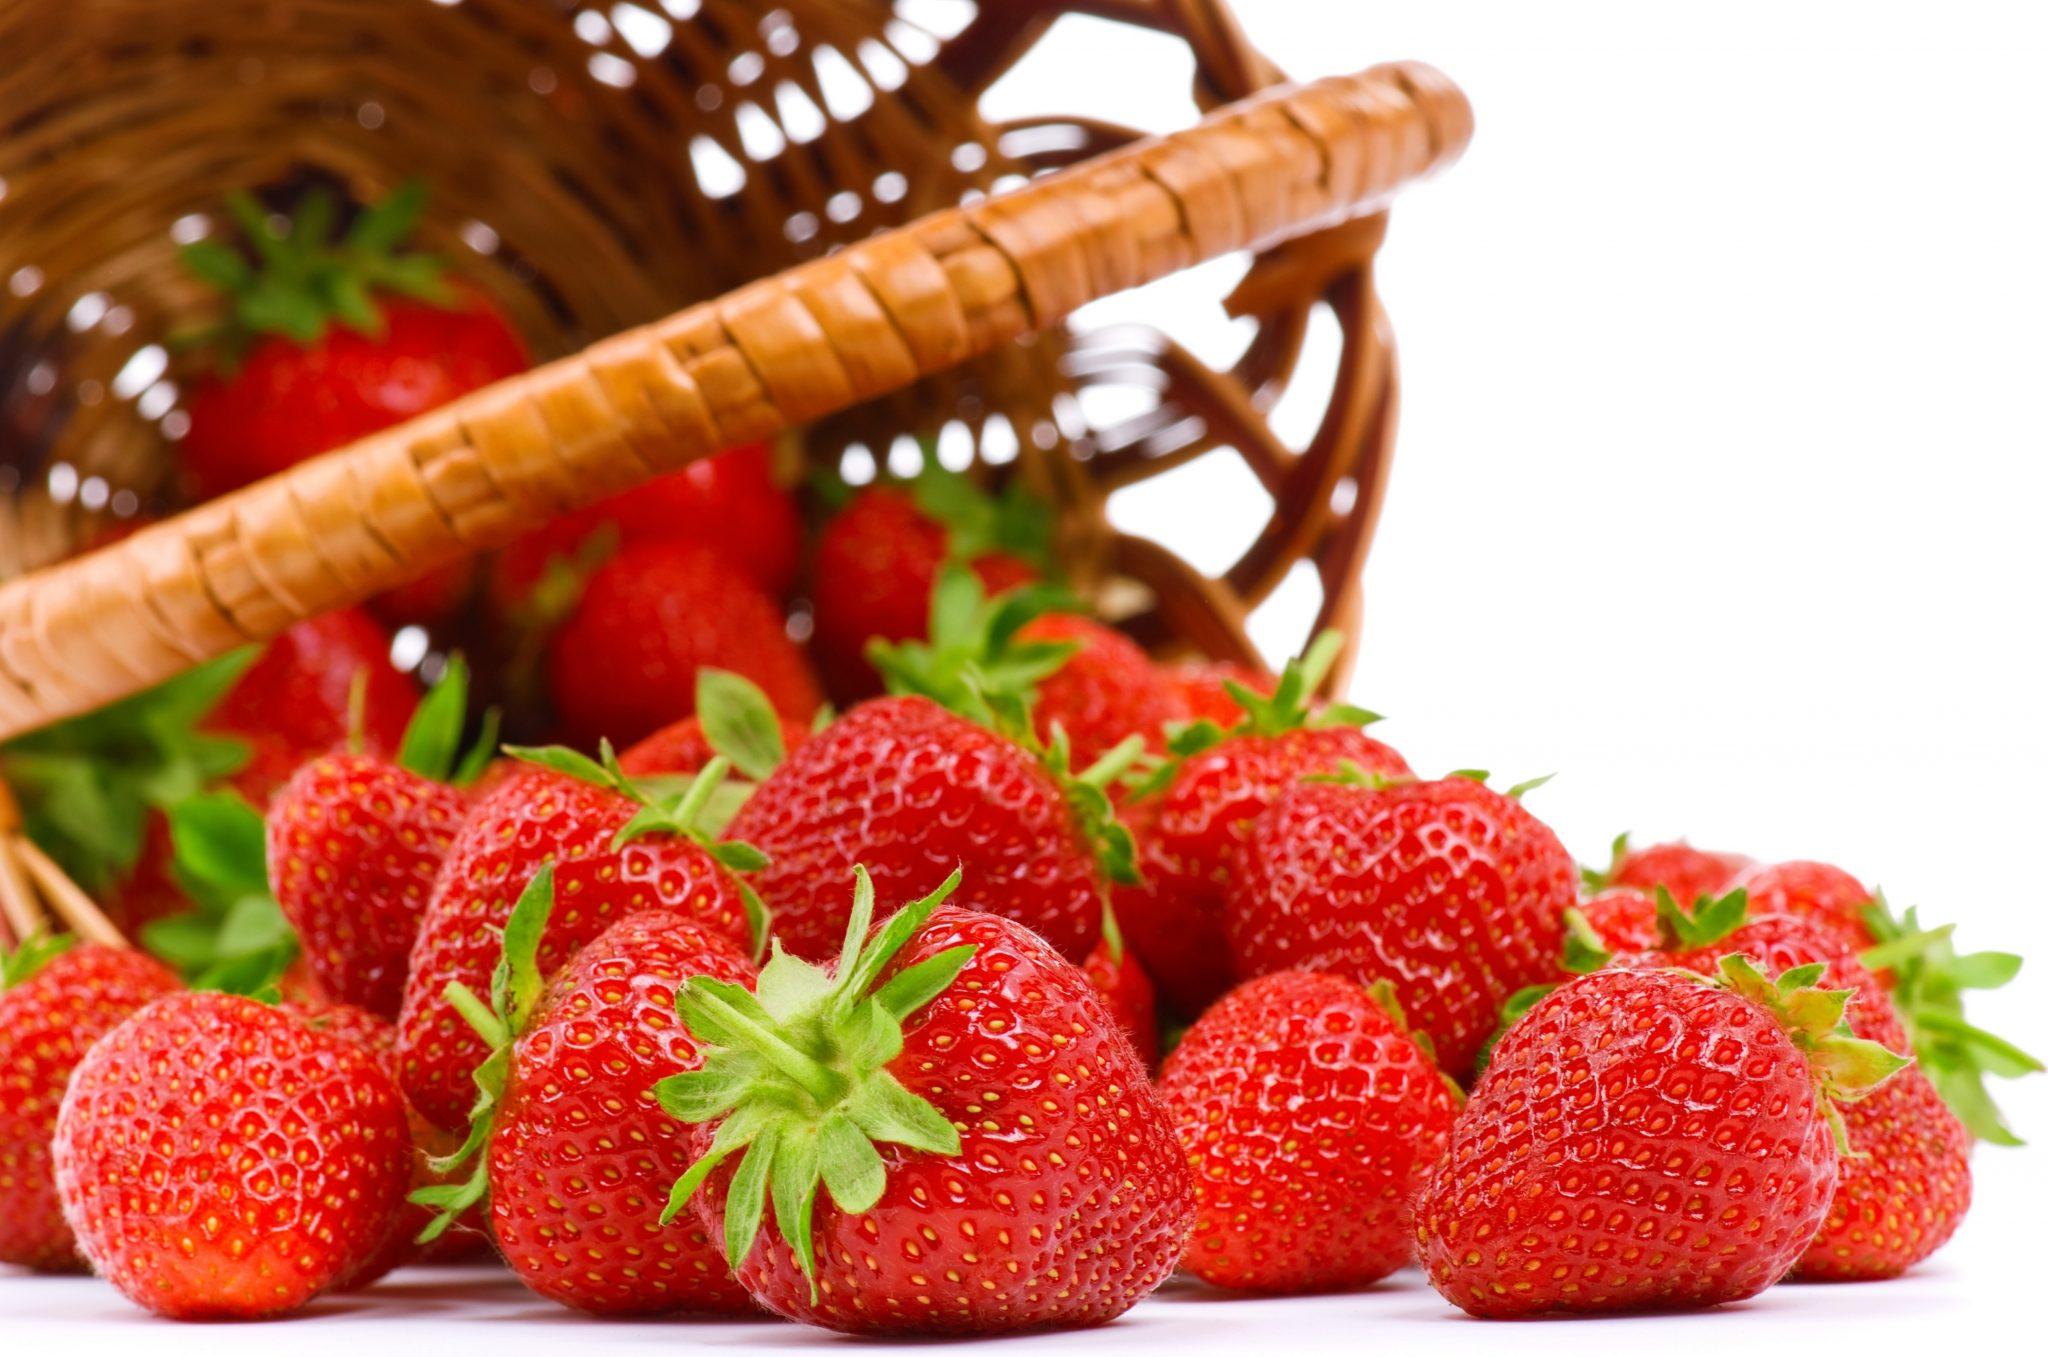 Клубника. Как правильно выбрать клубнику в магазине или на рынке?